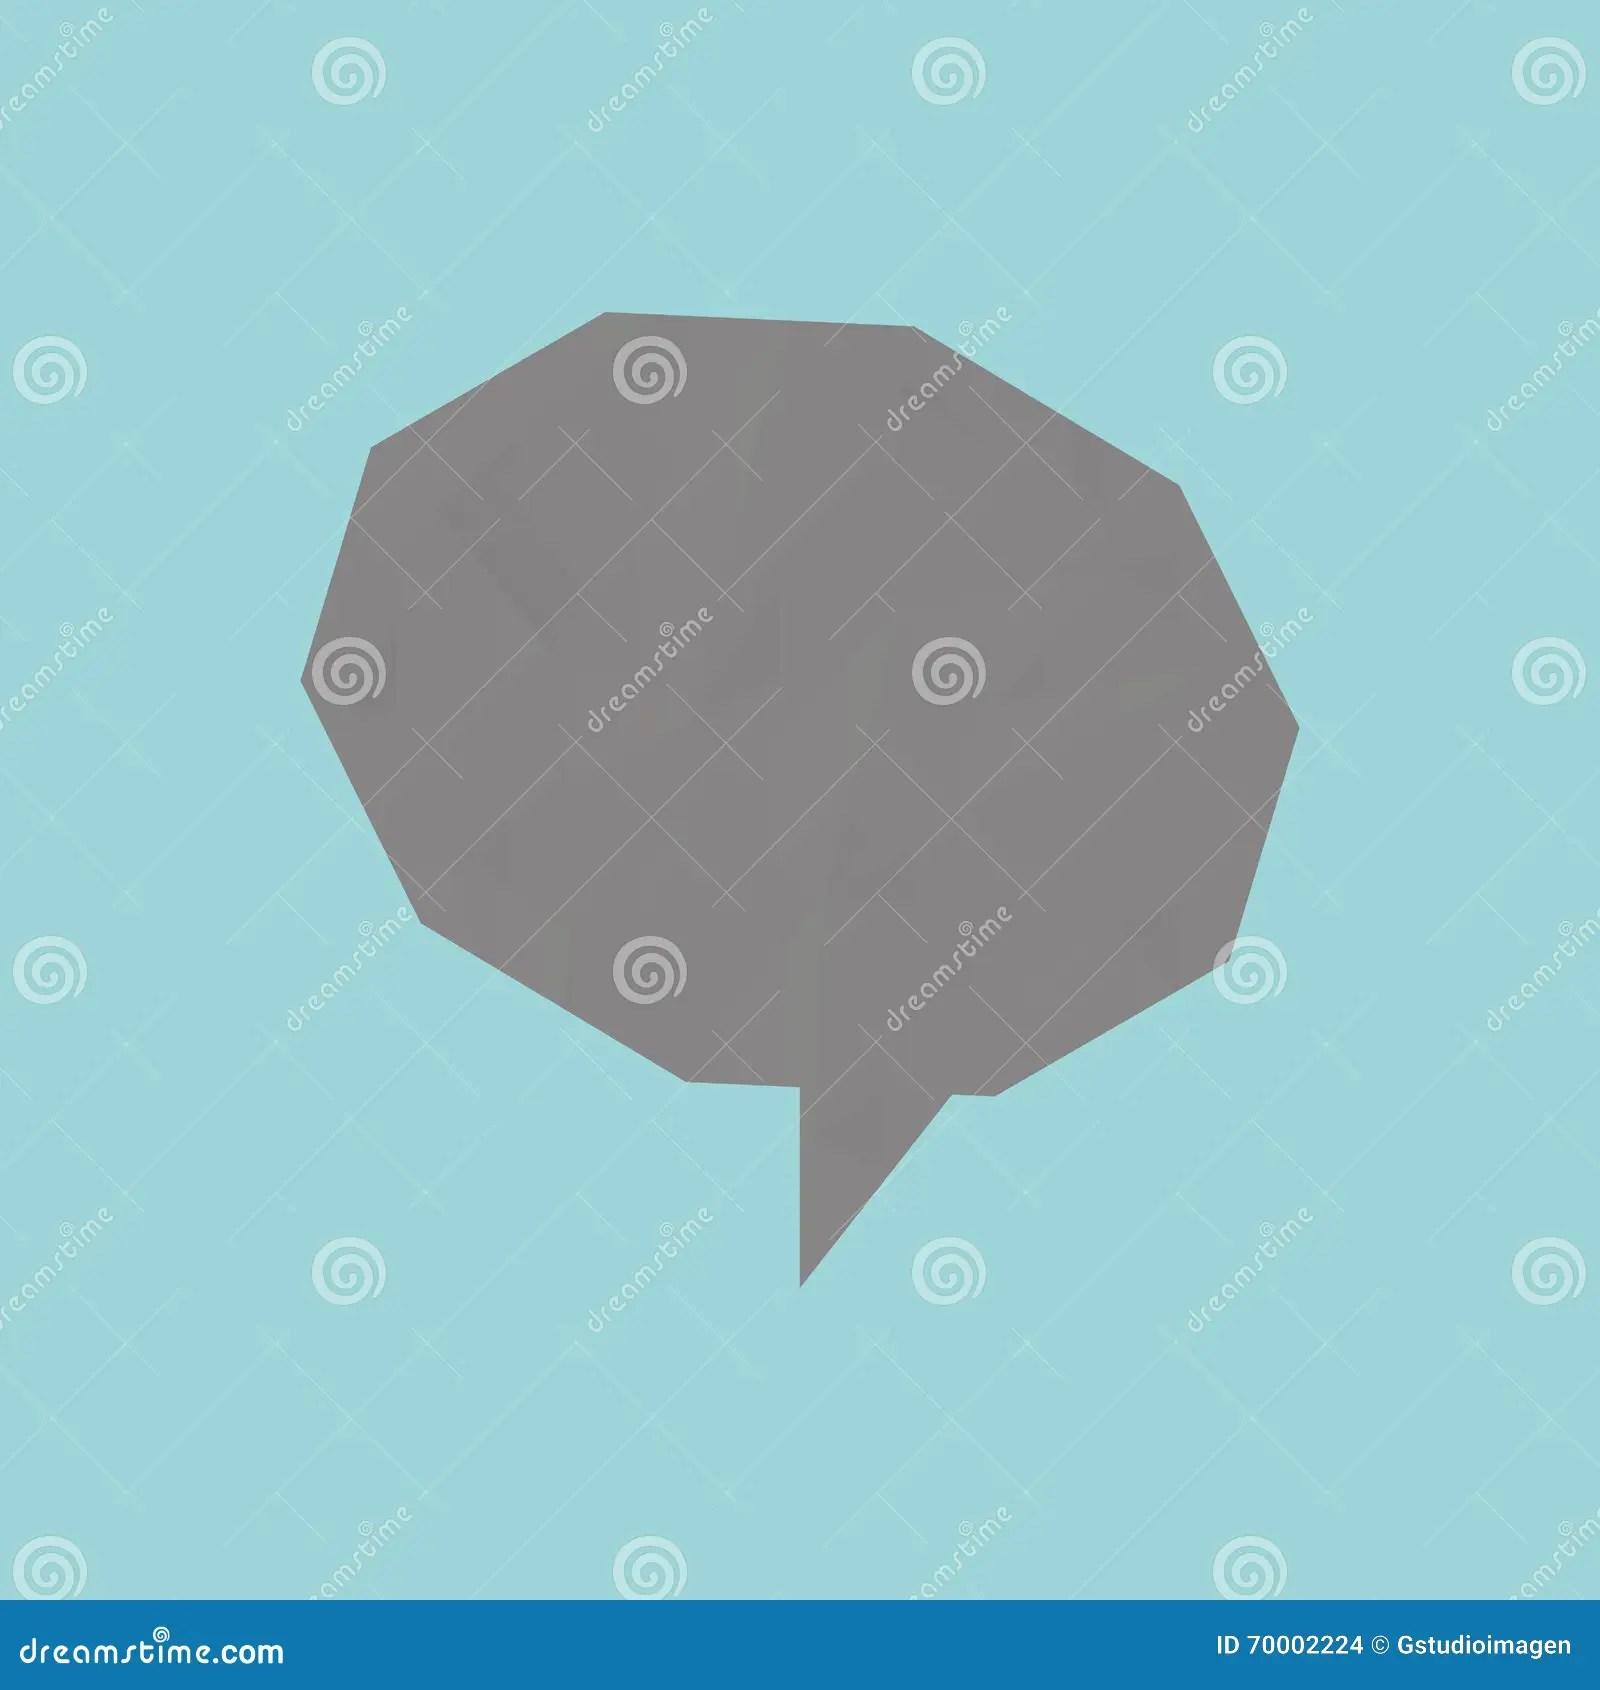 Speech bubble design stock illustration Illustration of style